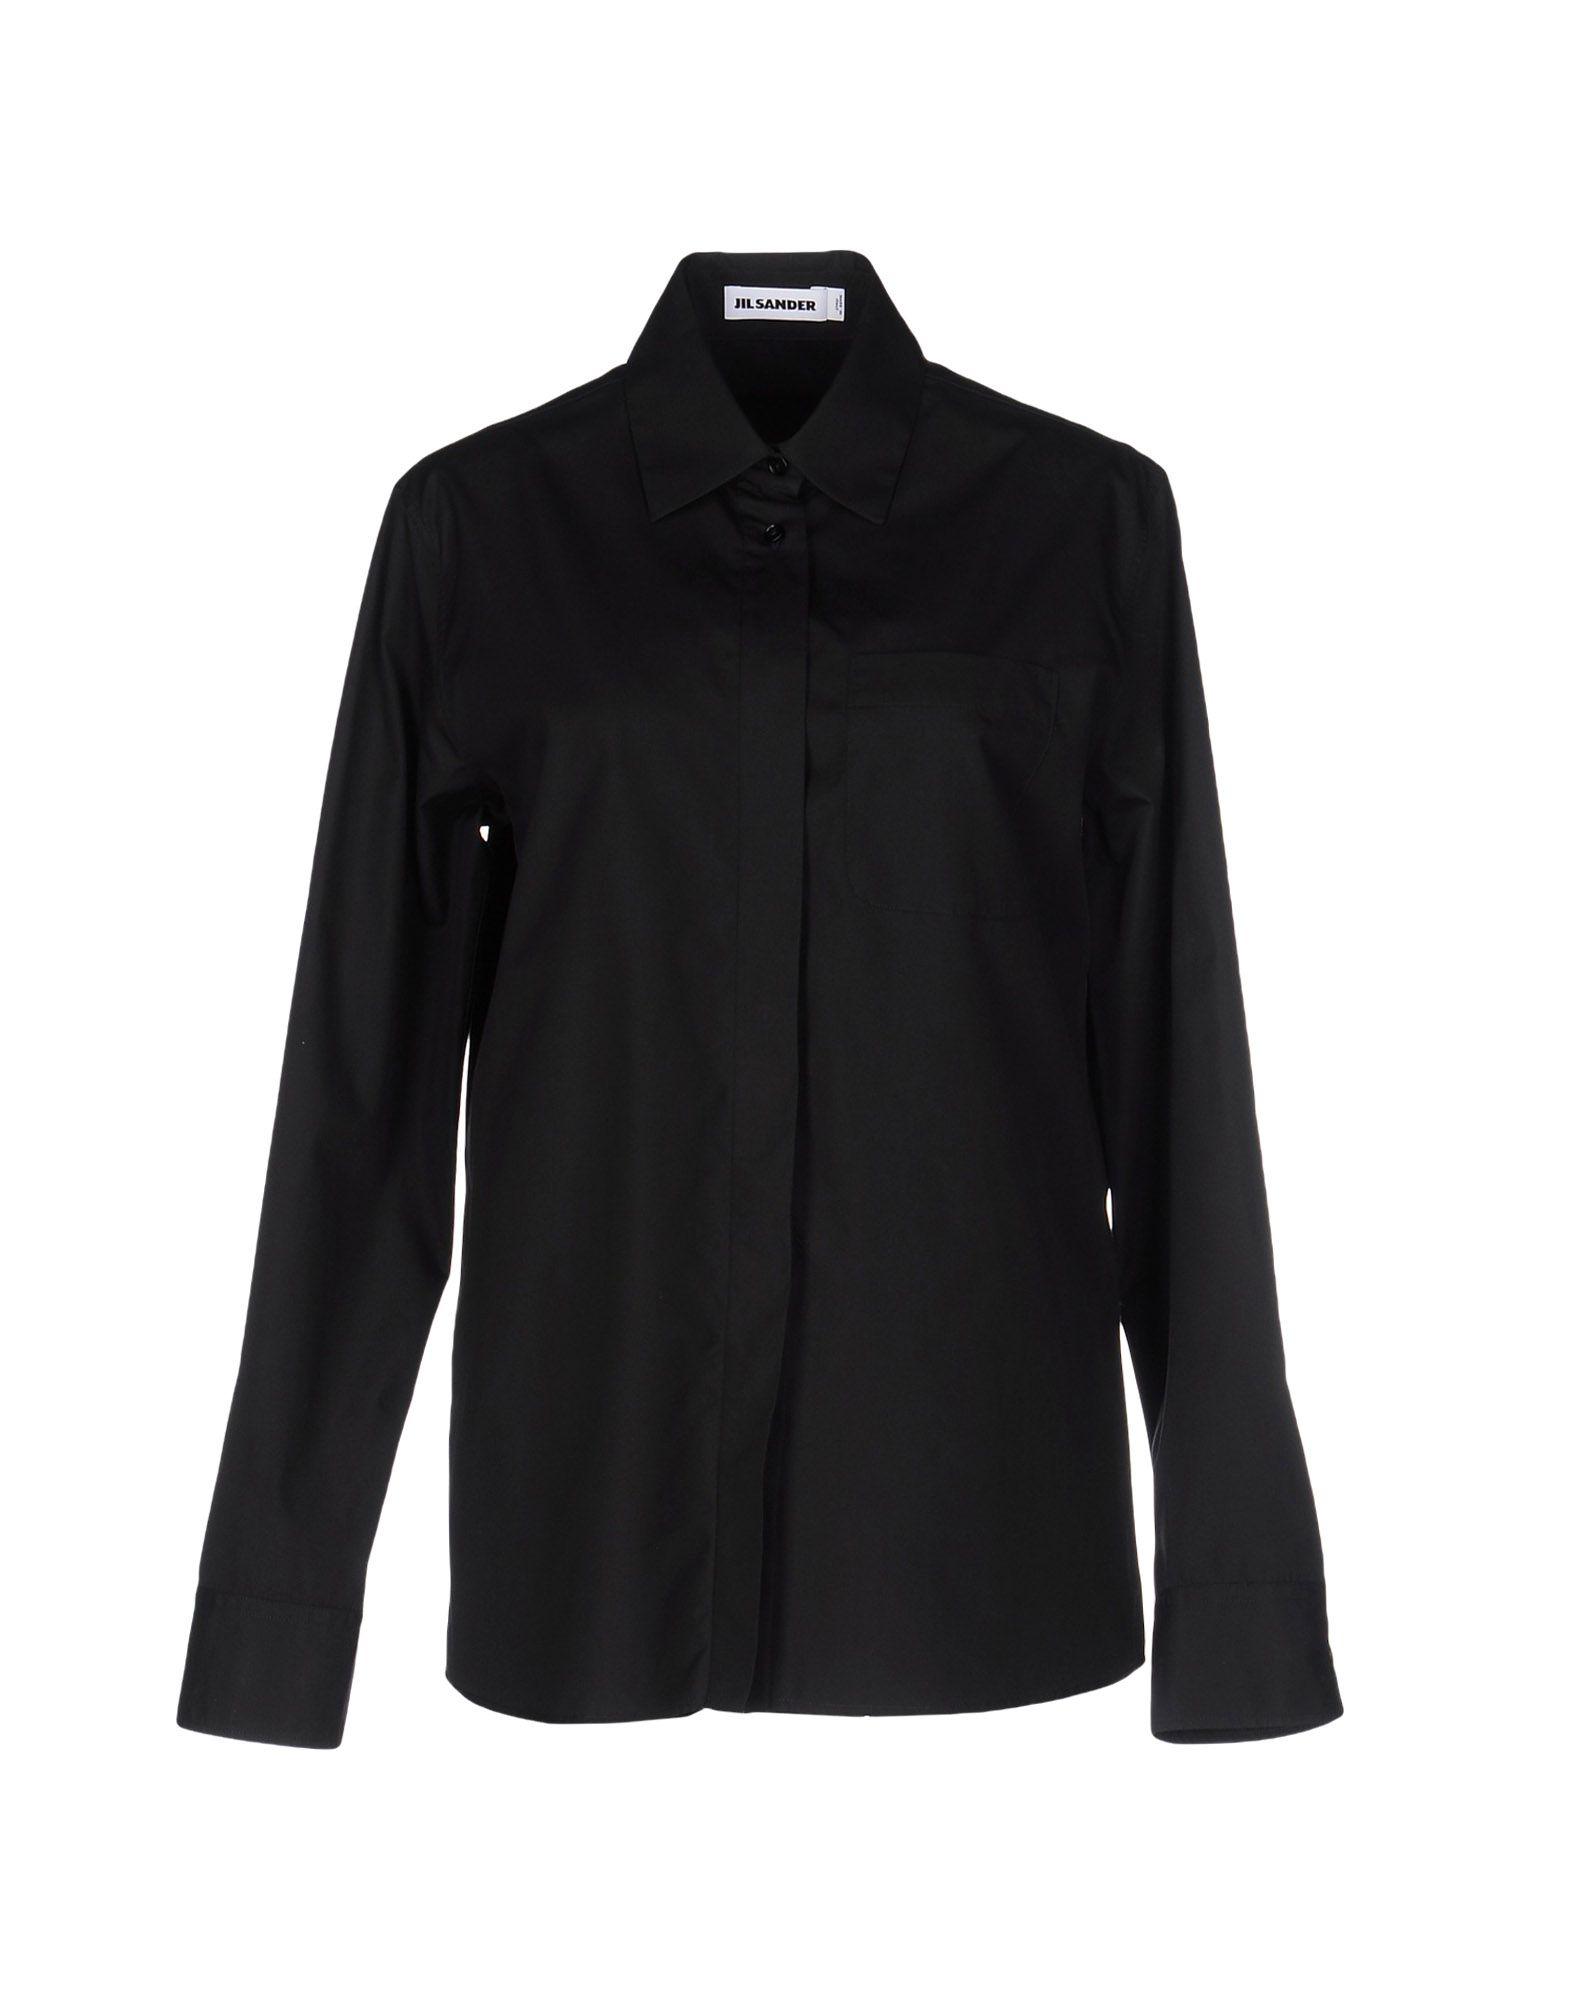 Lyst jil sander shirts in black for men save 38 for Jil sander mens shirt